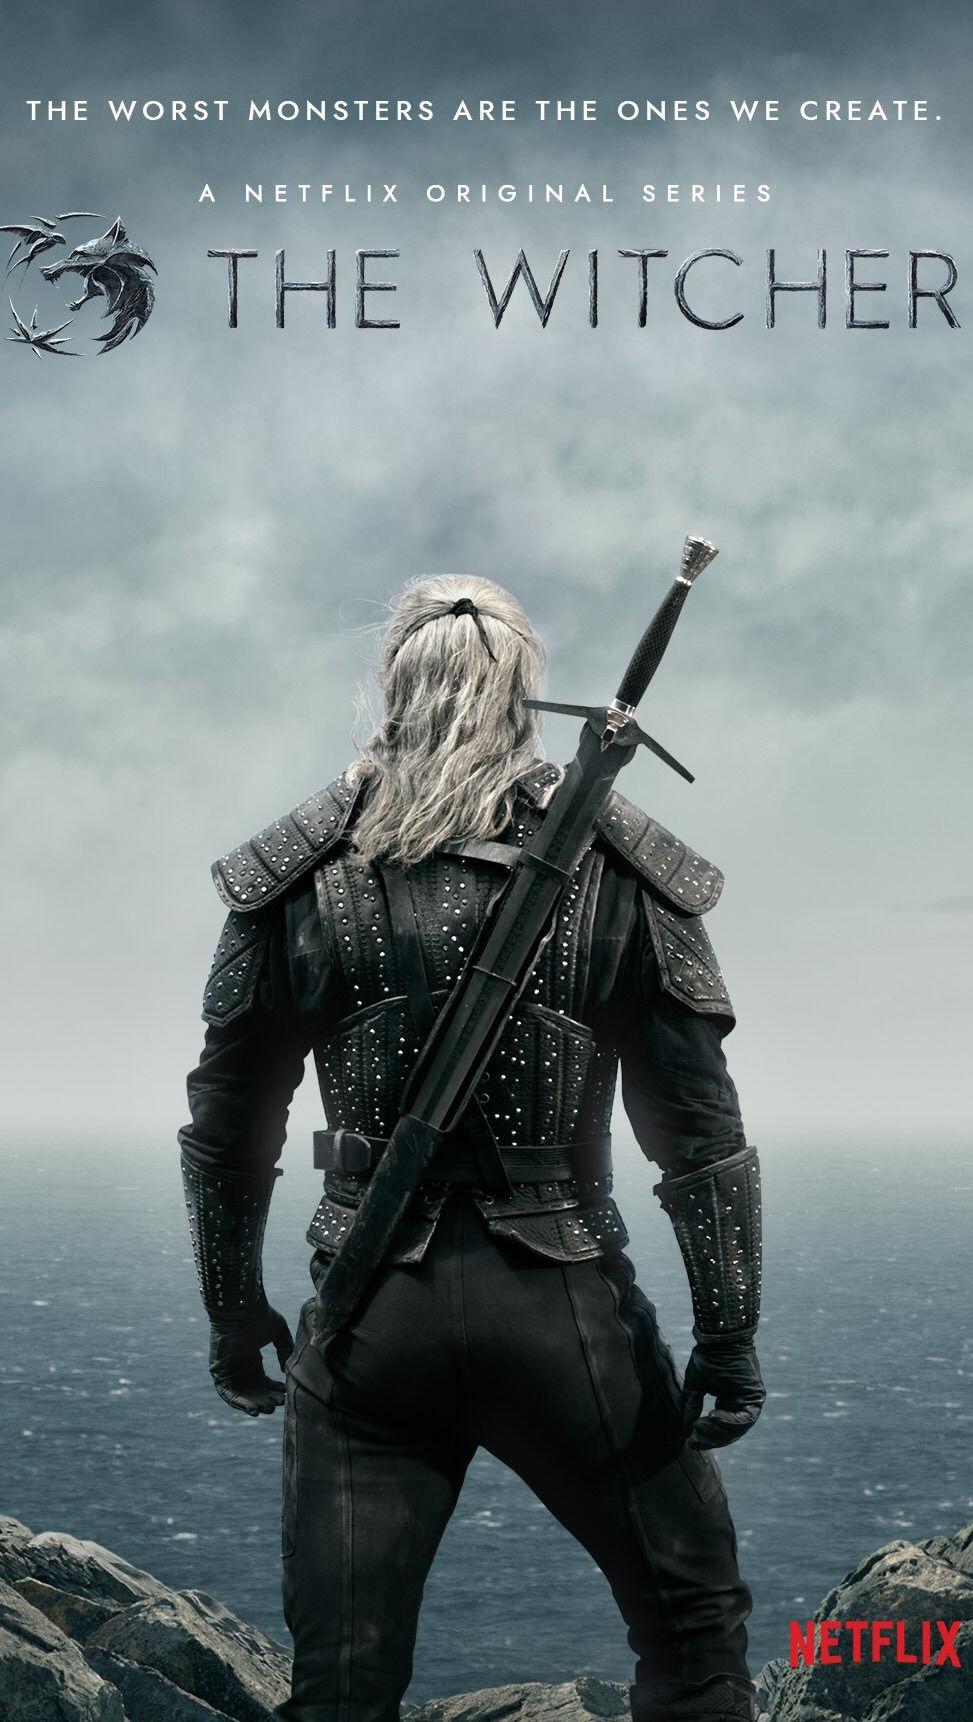 """The Witcher - Лорен Шмидт рассказала, чего ждать от экранизации """"Ведьмака"""" на Netflix"""